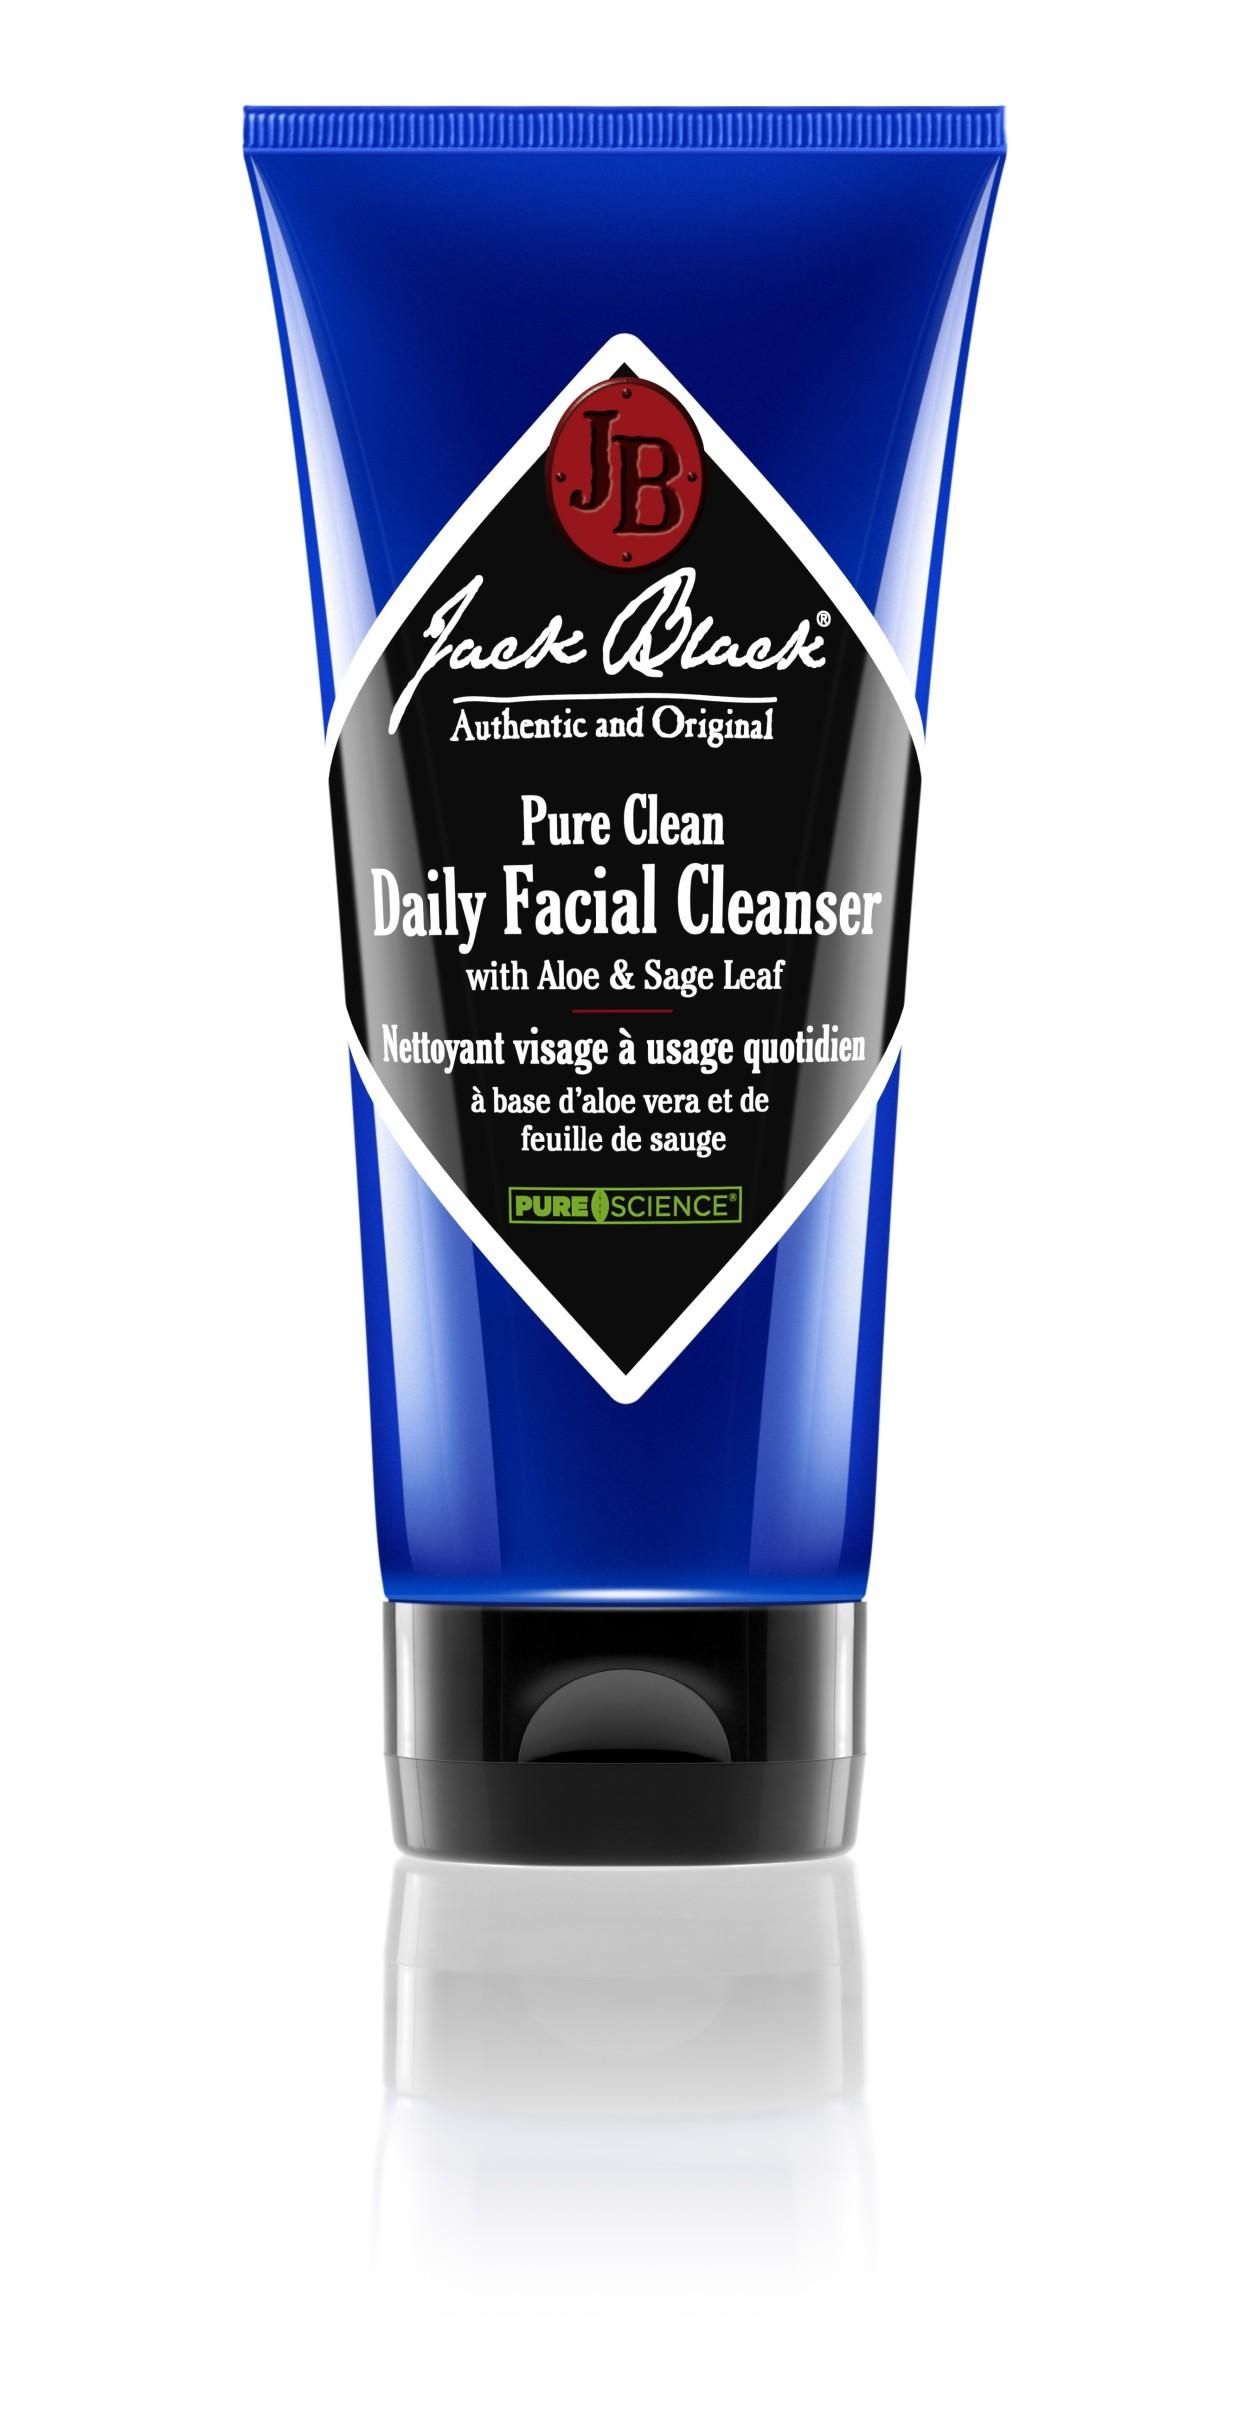 Recension av naturlig ansiktsrengöring från Jack Black